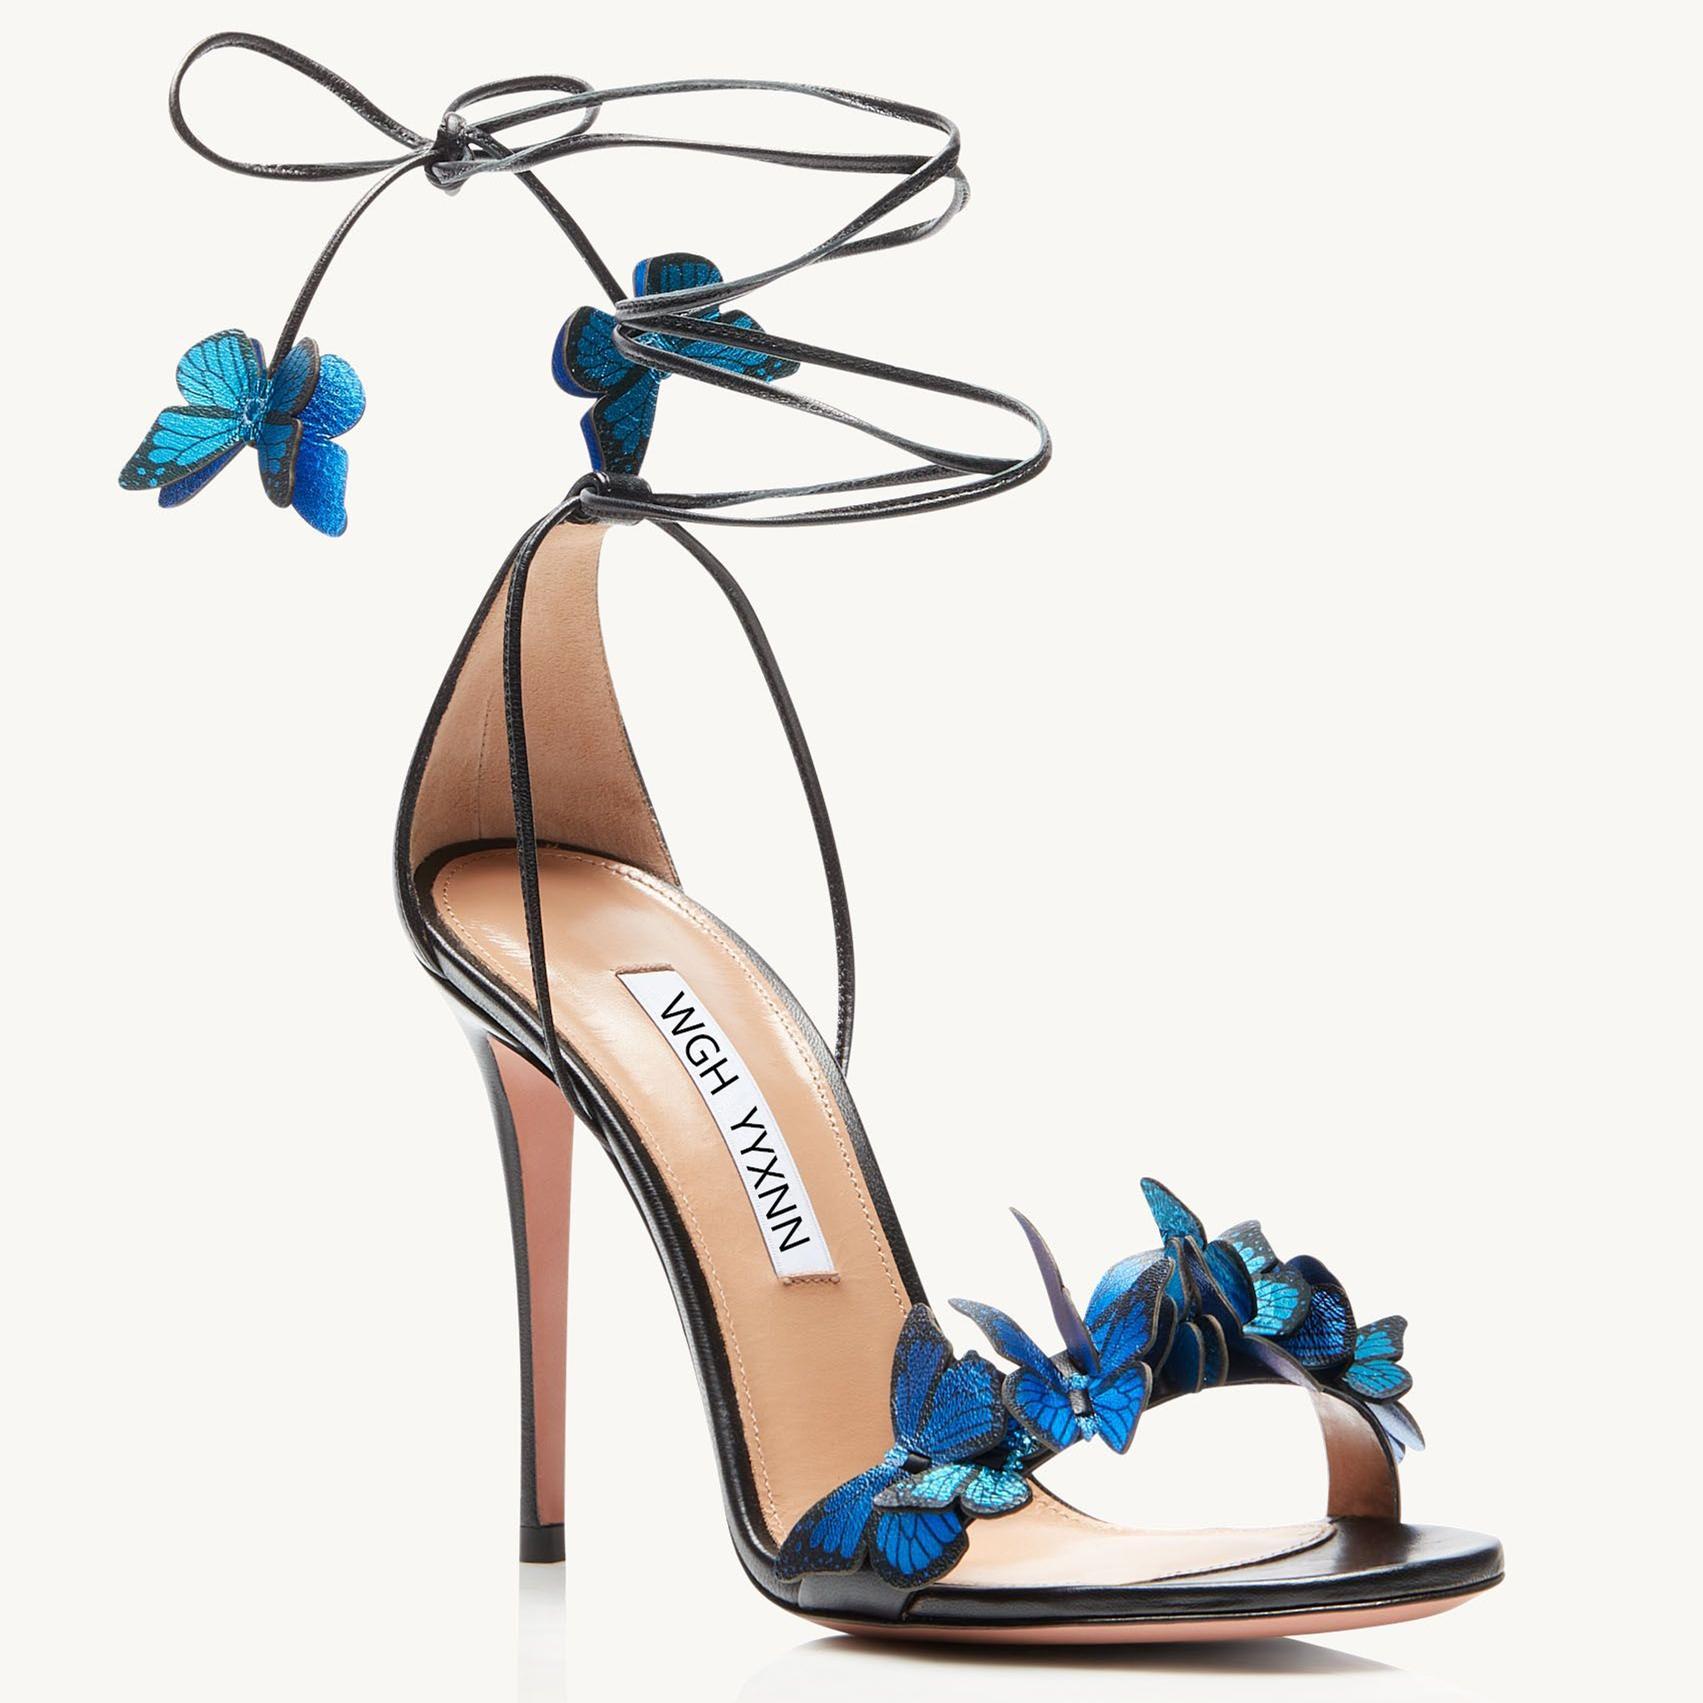 Женские кожаные сандалии с открытым кодом, бабочка на шнуровке высоких каблуков, сексуальные шпильки, размер: 34-42, черный